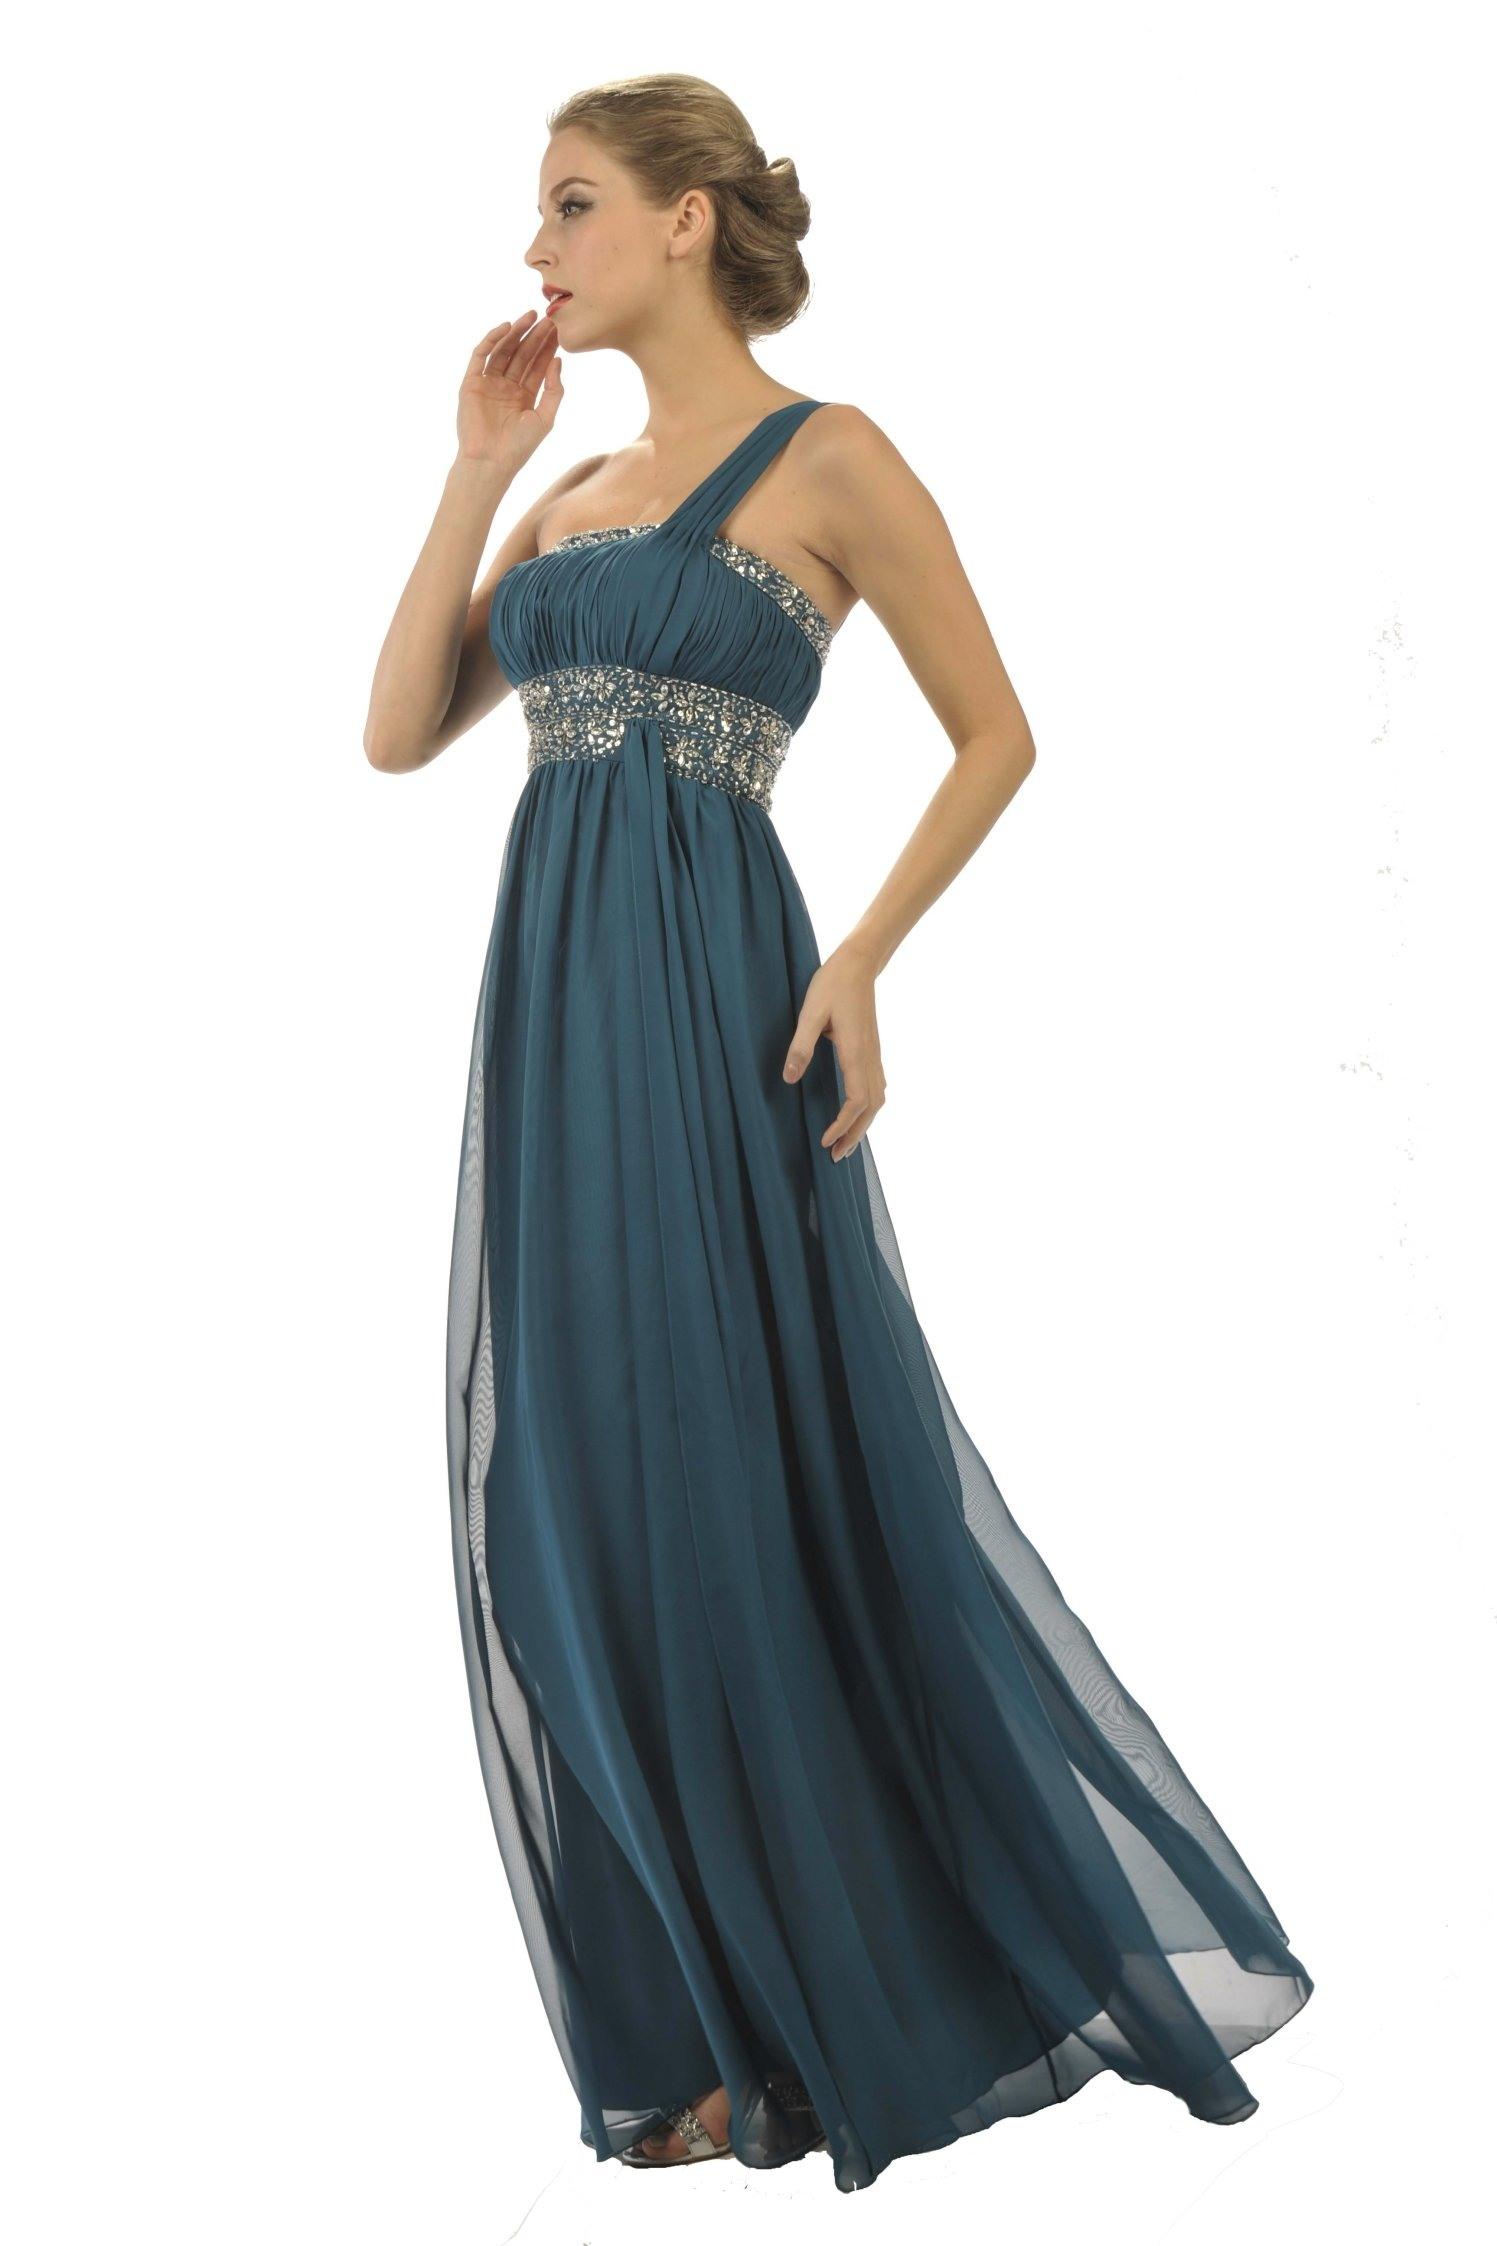 20 Erstaunlich Abendkleid Petrol Stylish Spektakulär Abendkleid Petrol Boutique